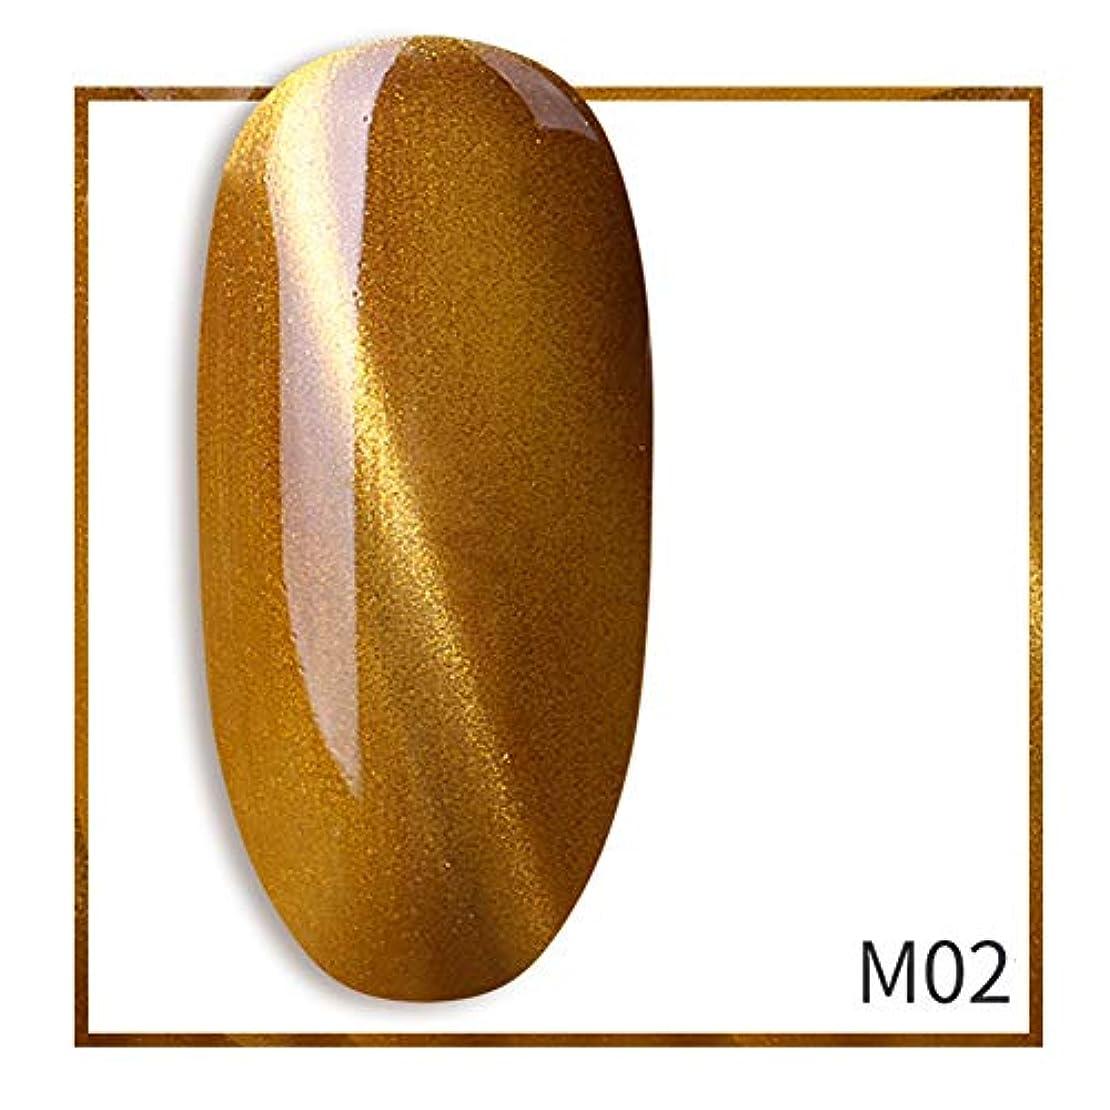 節約幻滅する引っ張るACHICOO ネイルジェル 7ml グリッター キャットアイ ポリッシュジェル きらきら ネイルアート サロン ゴールド-M02